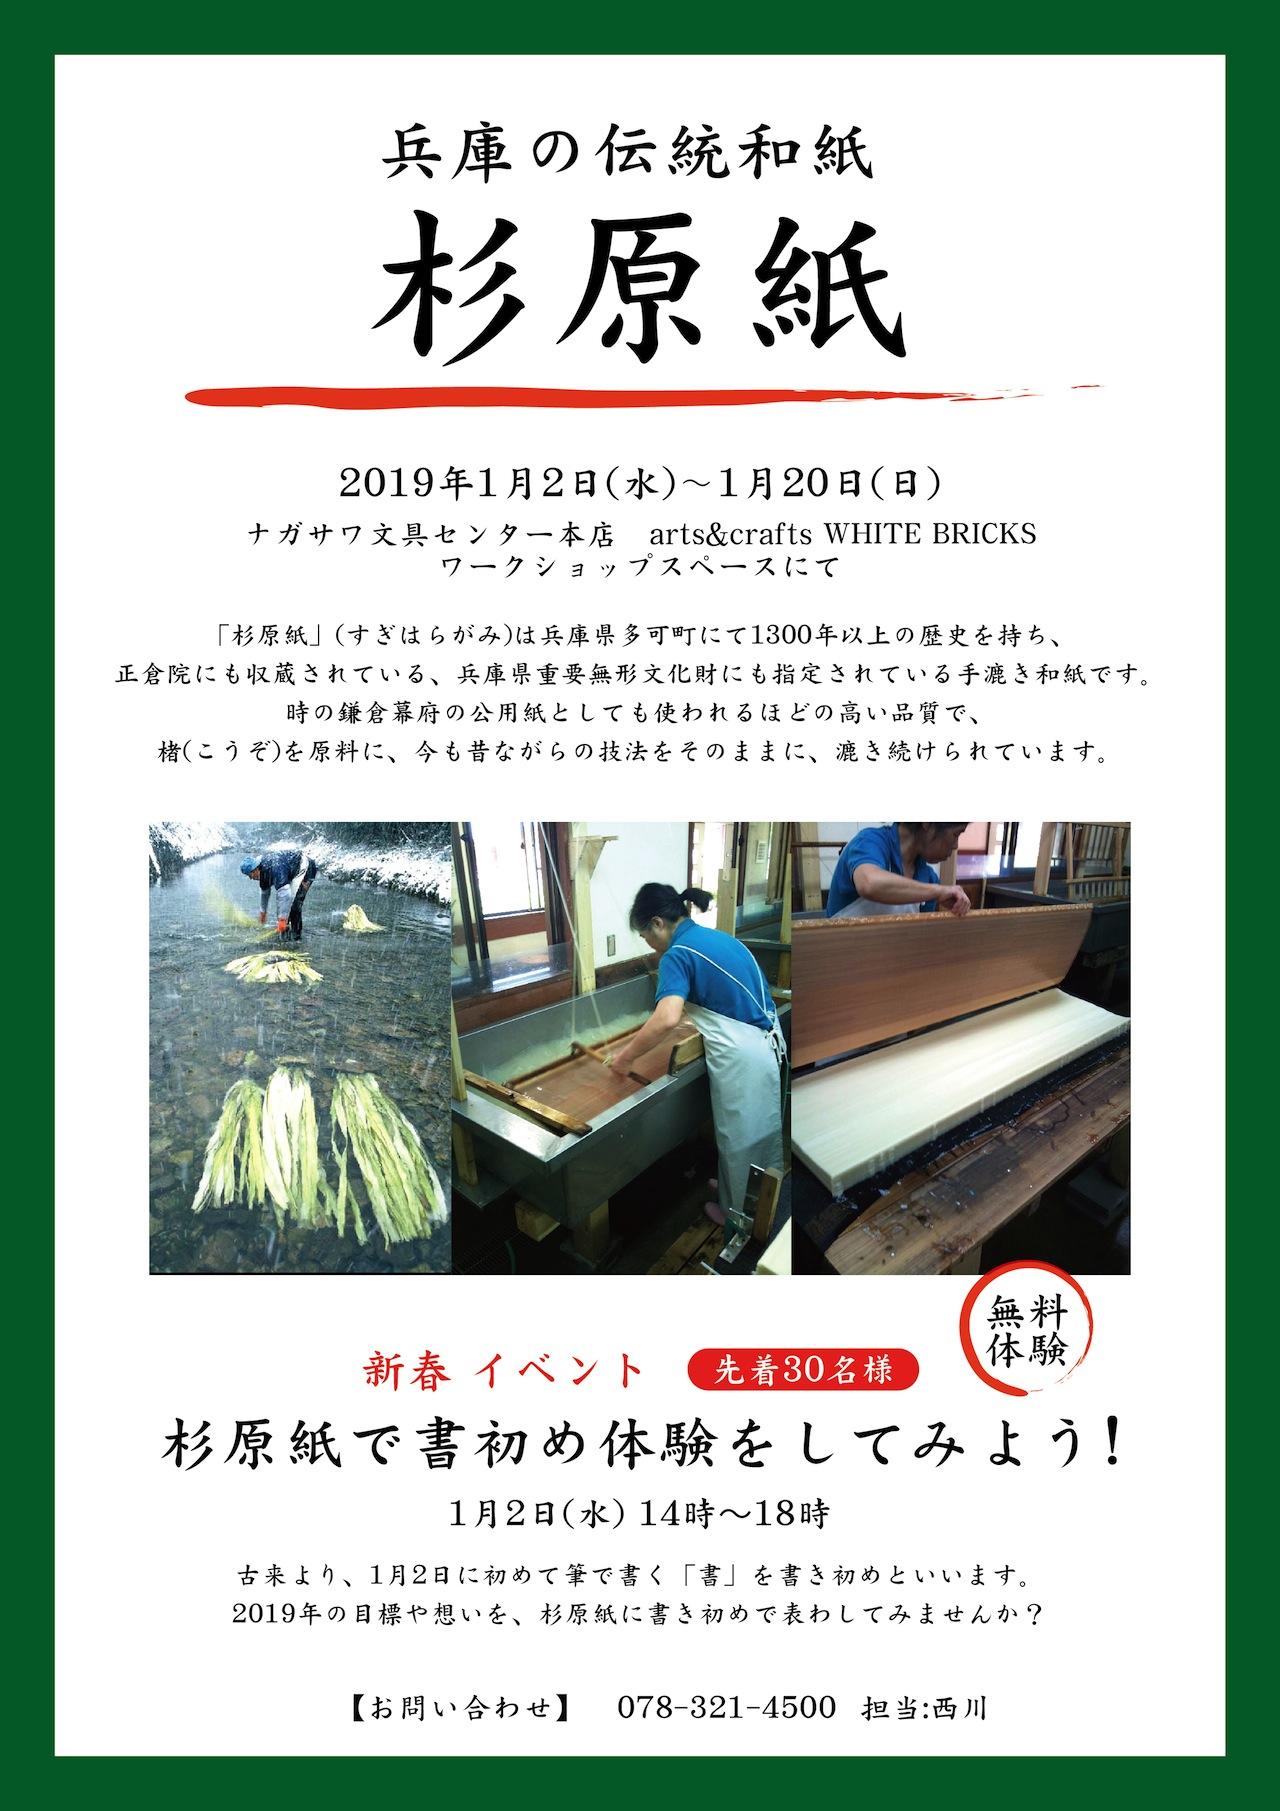 兵庫県が誇る歴史ある和紙『杉原紙(すぎはらがみ)』で書き初め体験しませんか?